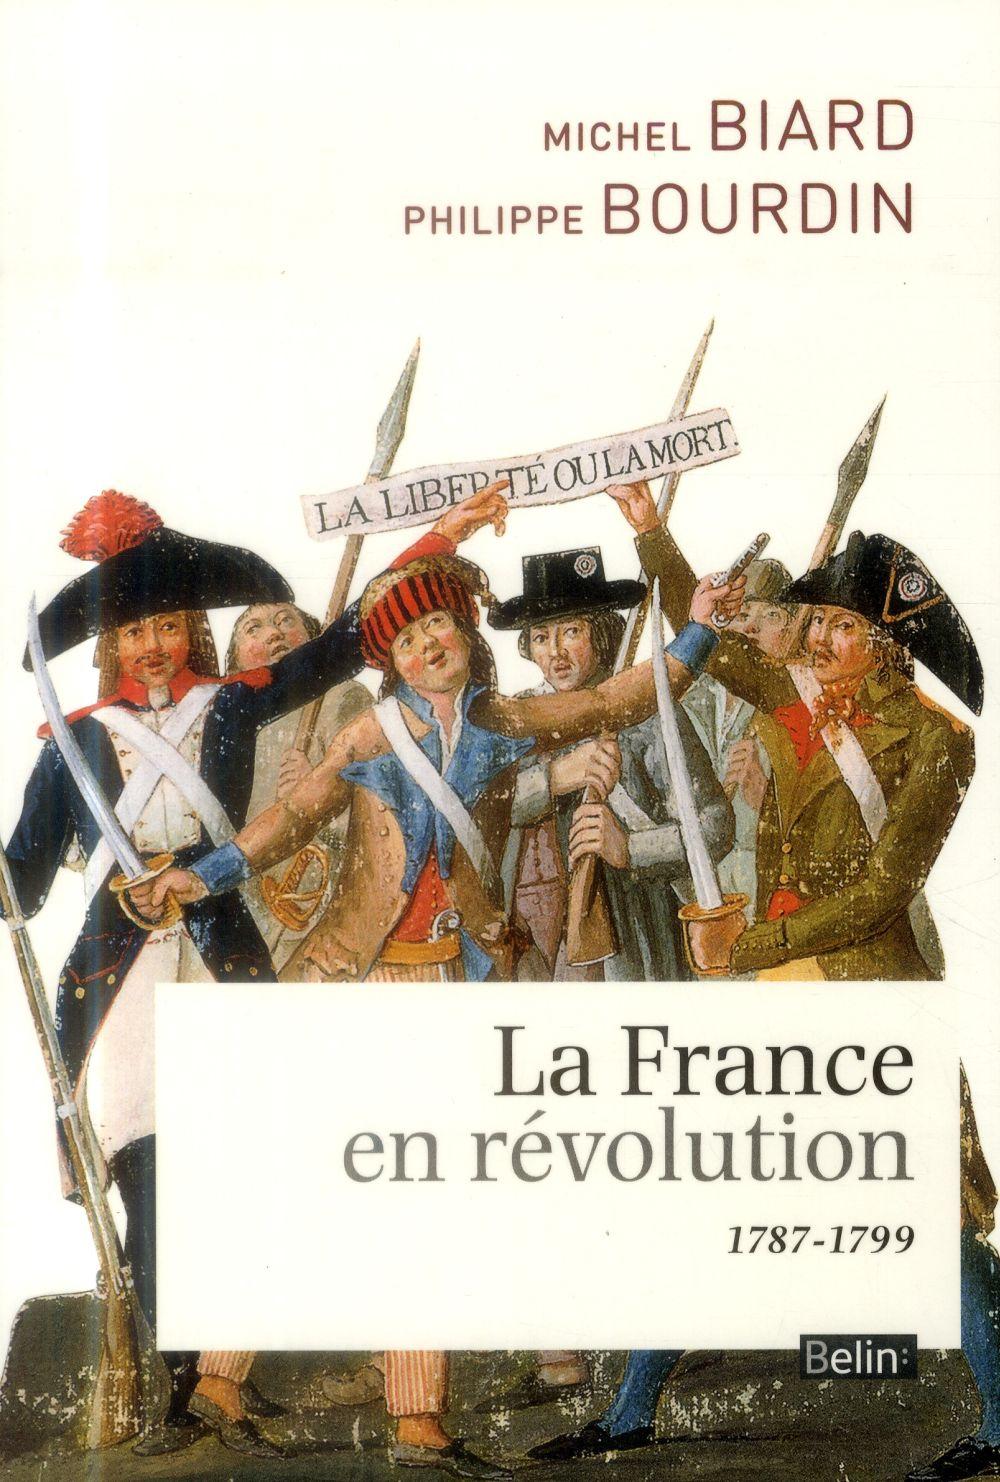 La France en révolution (1787-1799)